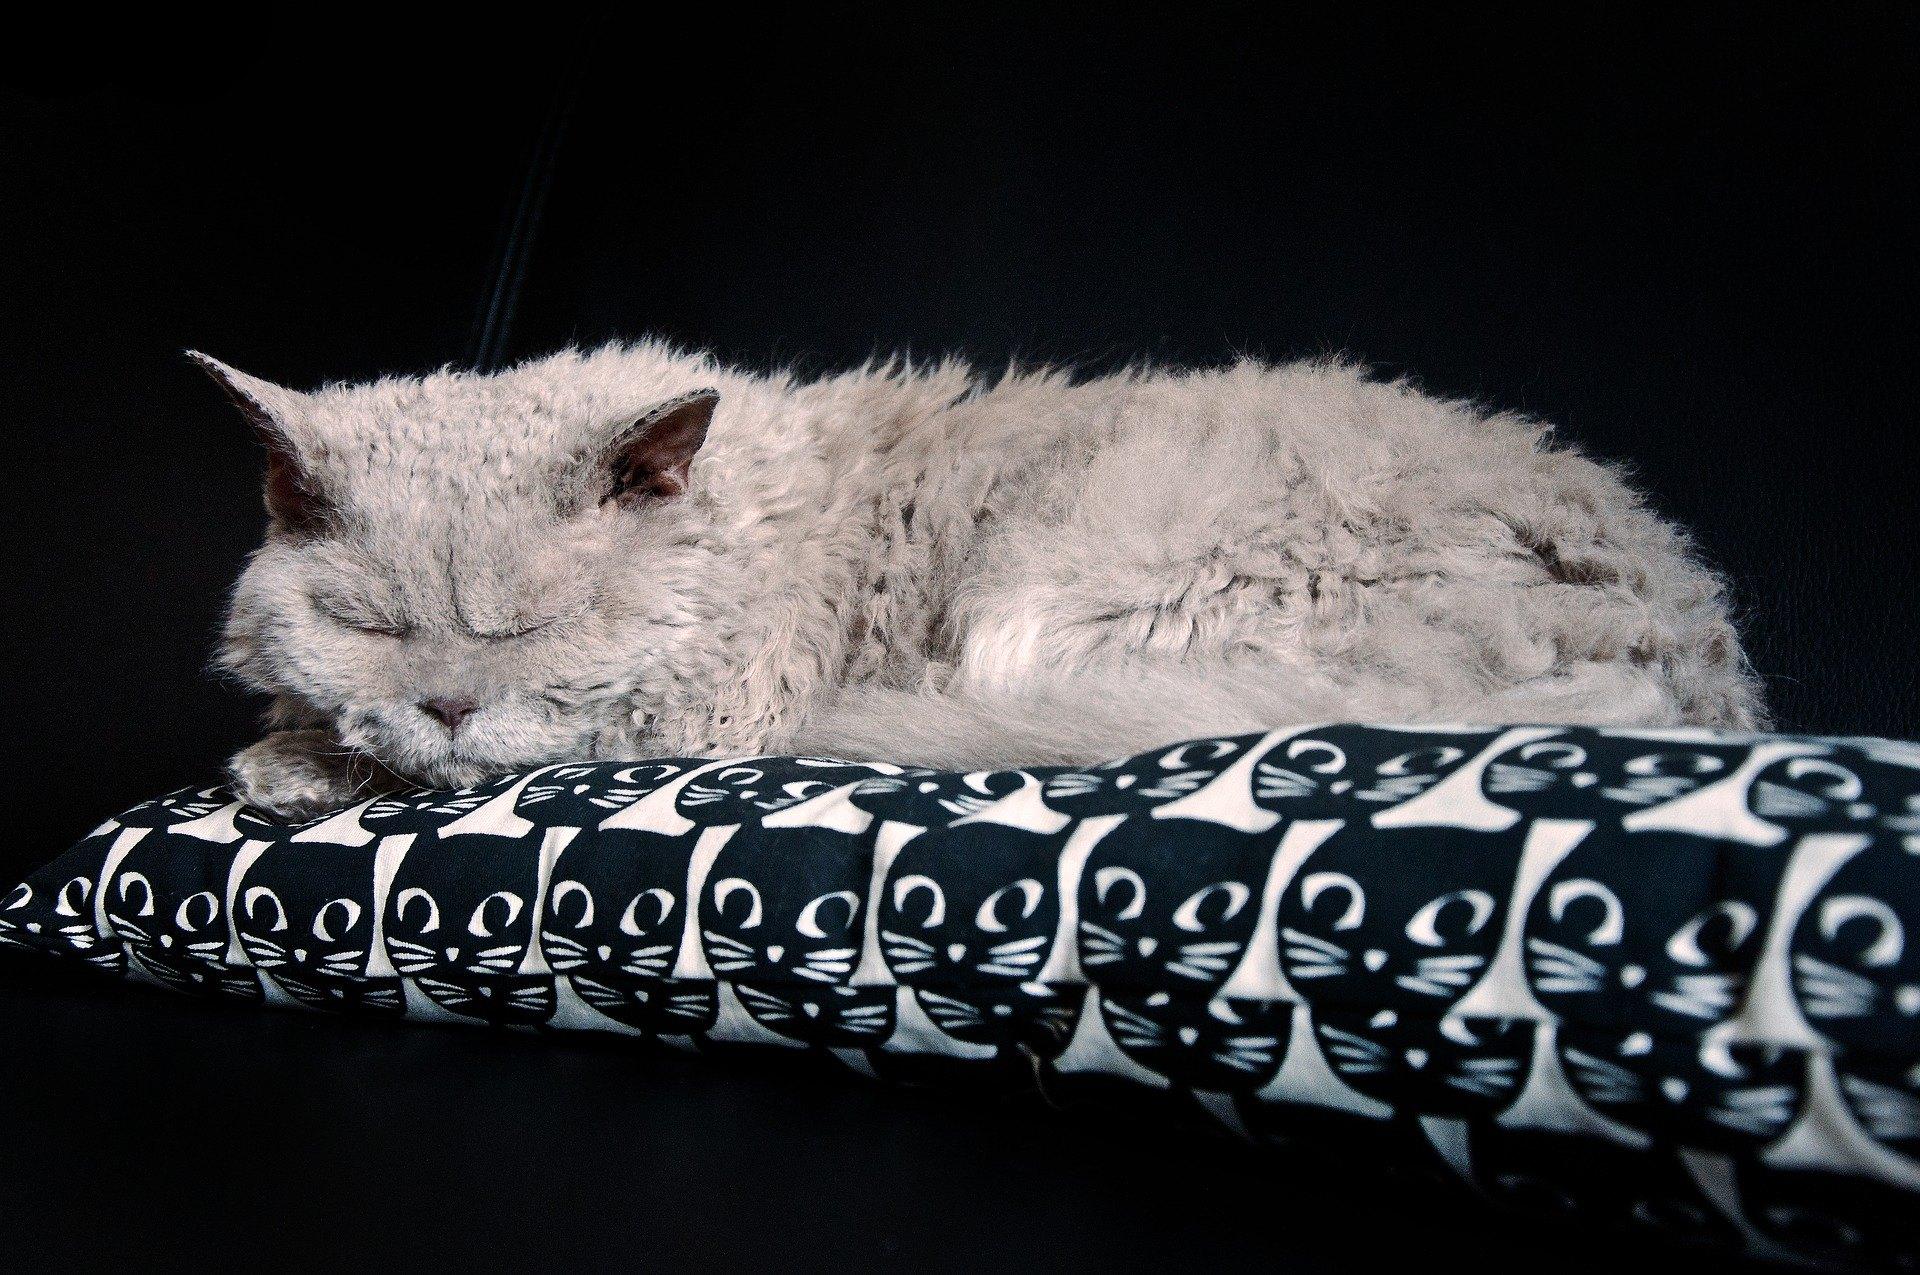 Selkirk rex jsou krásné kočky s jedinečnou srstí, která připomíná ovčí vlnu. Toto plemeno koček se v Evropě objevilo teprve v roce 1992, tedy relativně nedávno. Čím se selkikr rex ještě odlišuje?